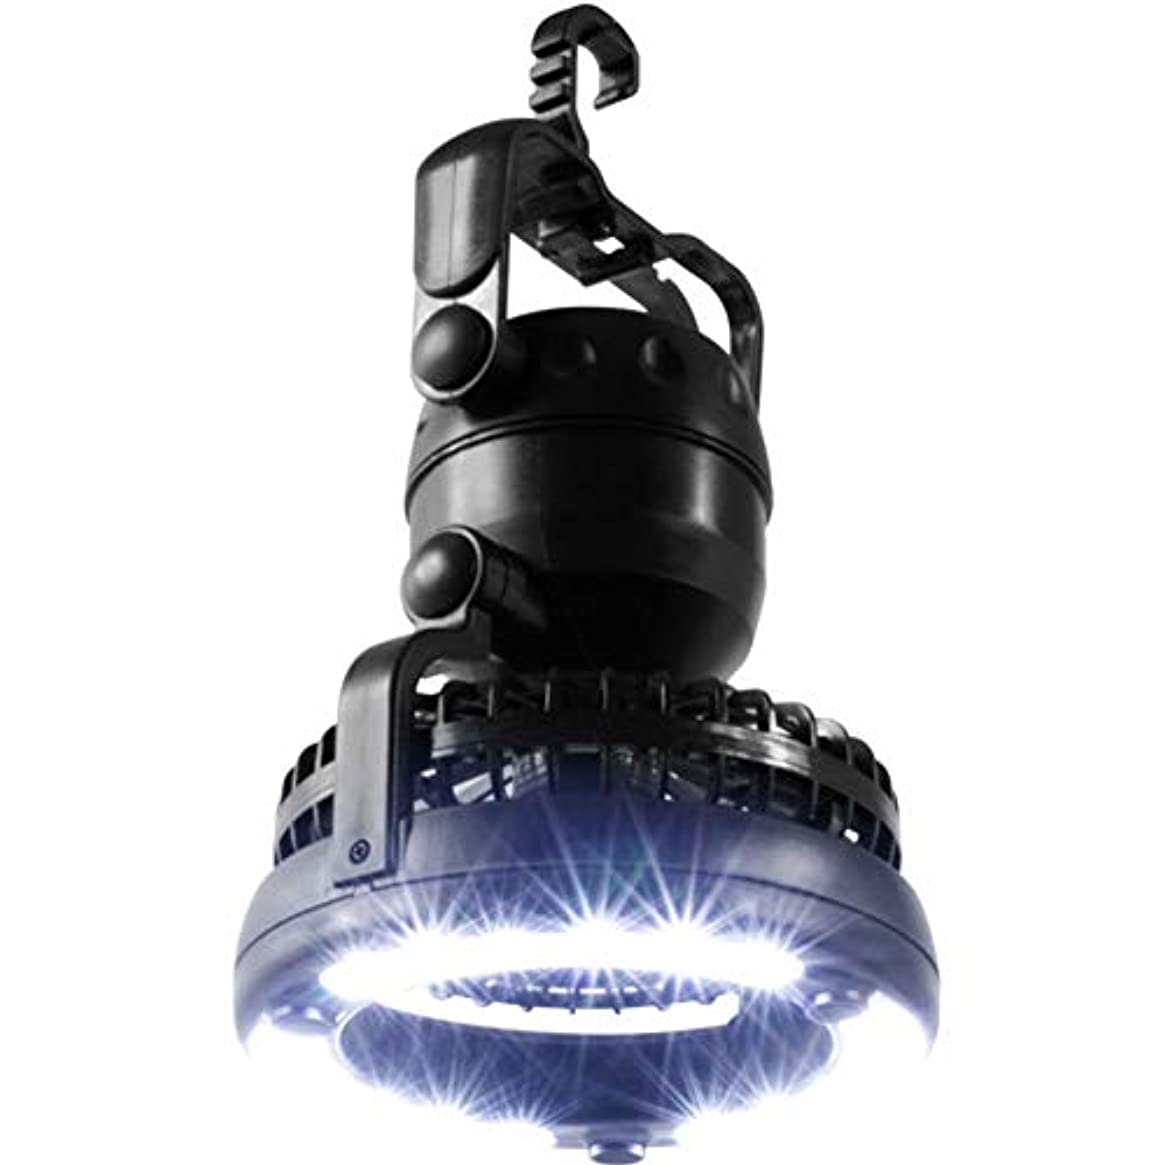 危険な普遍的なジョイントBraheart 2in1 扇風機 キャンプライト フック付き 携帯便利 18個高輝度ライト付き 扇風機付き テント照明 2WAY 風量3段階調節 キャンプ用品 登山 夜釣り アウトドア 停電応急 防災用品 単1形電池2本使用だけ(別売)